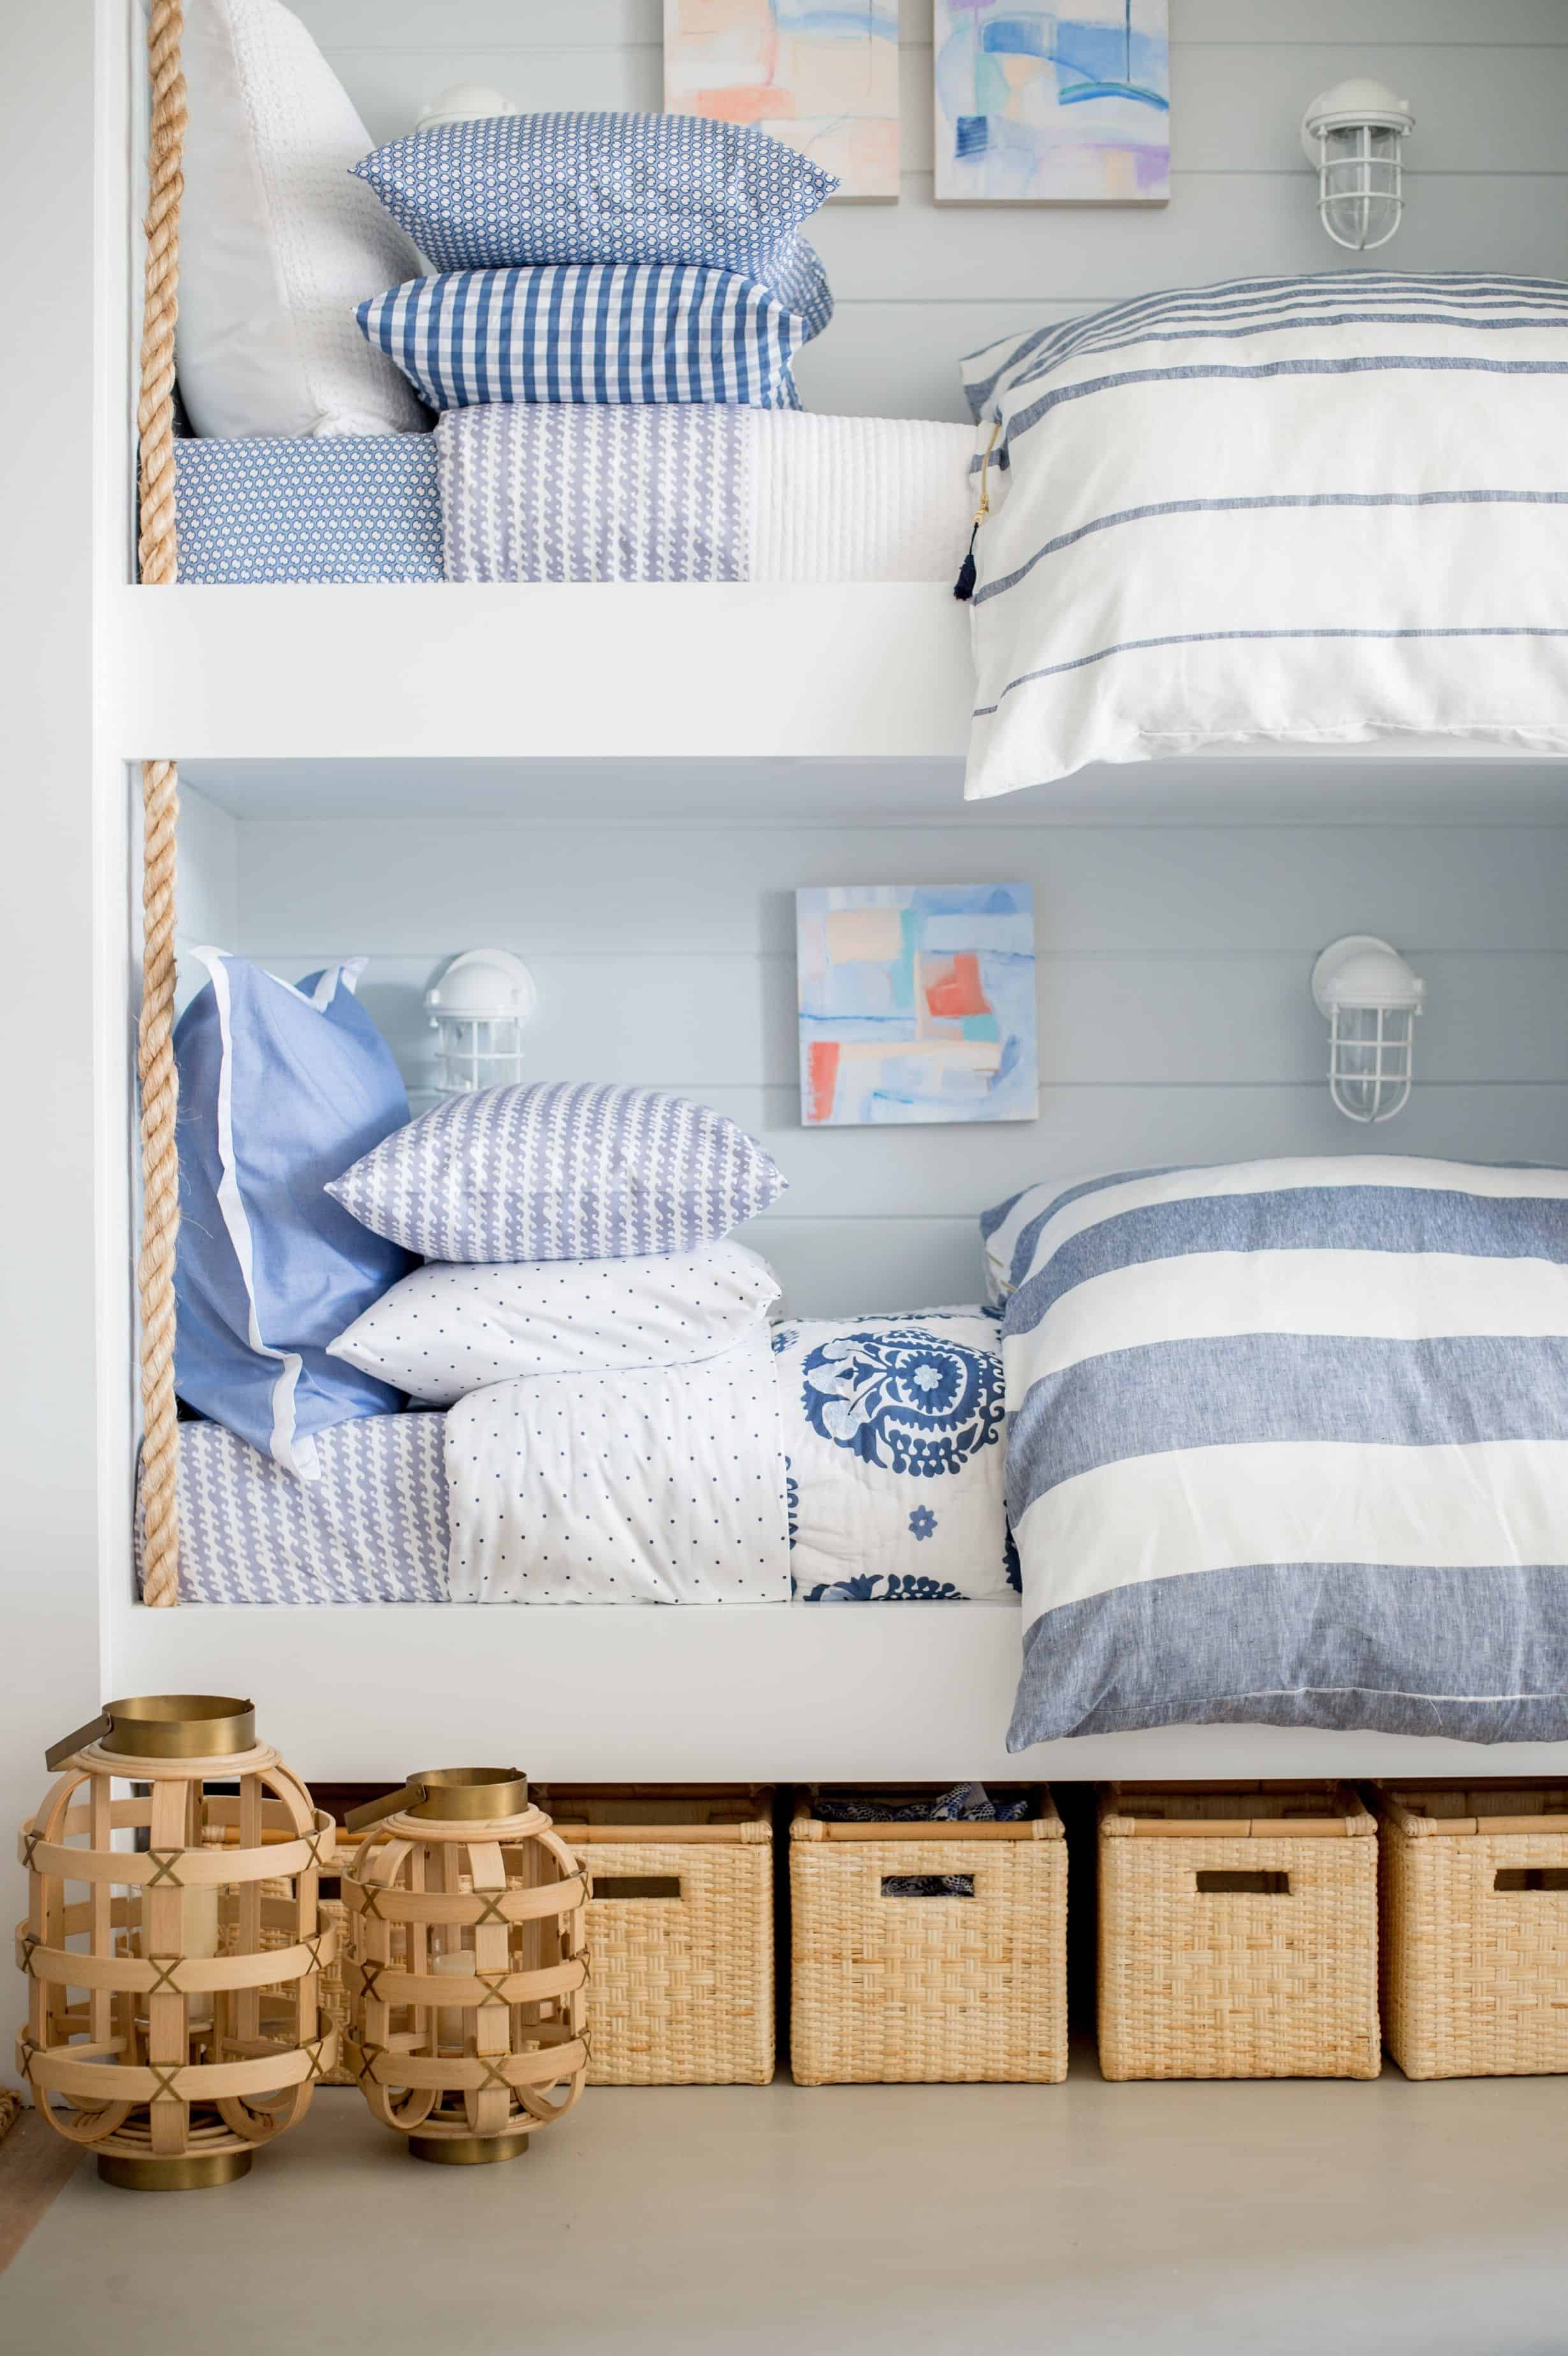 bunk bed pillows